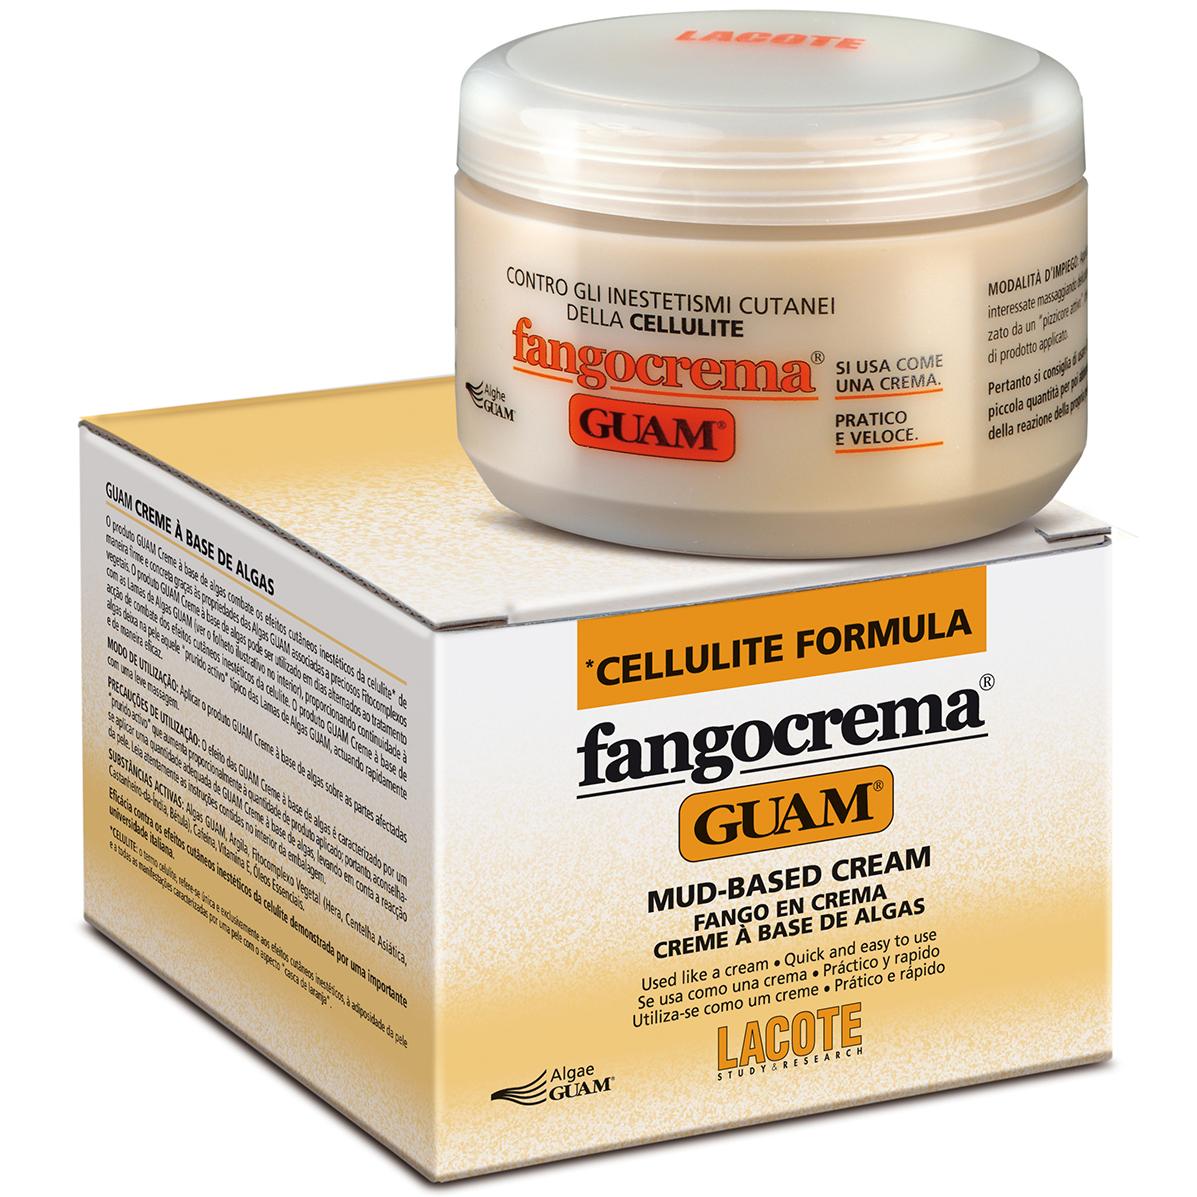 Guam Fangocrema Крем антицеллюлитный с разгоревающим эффектом на основе грязи 300 мл